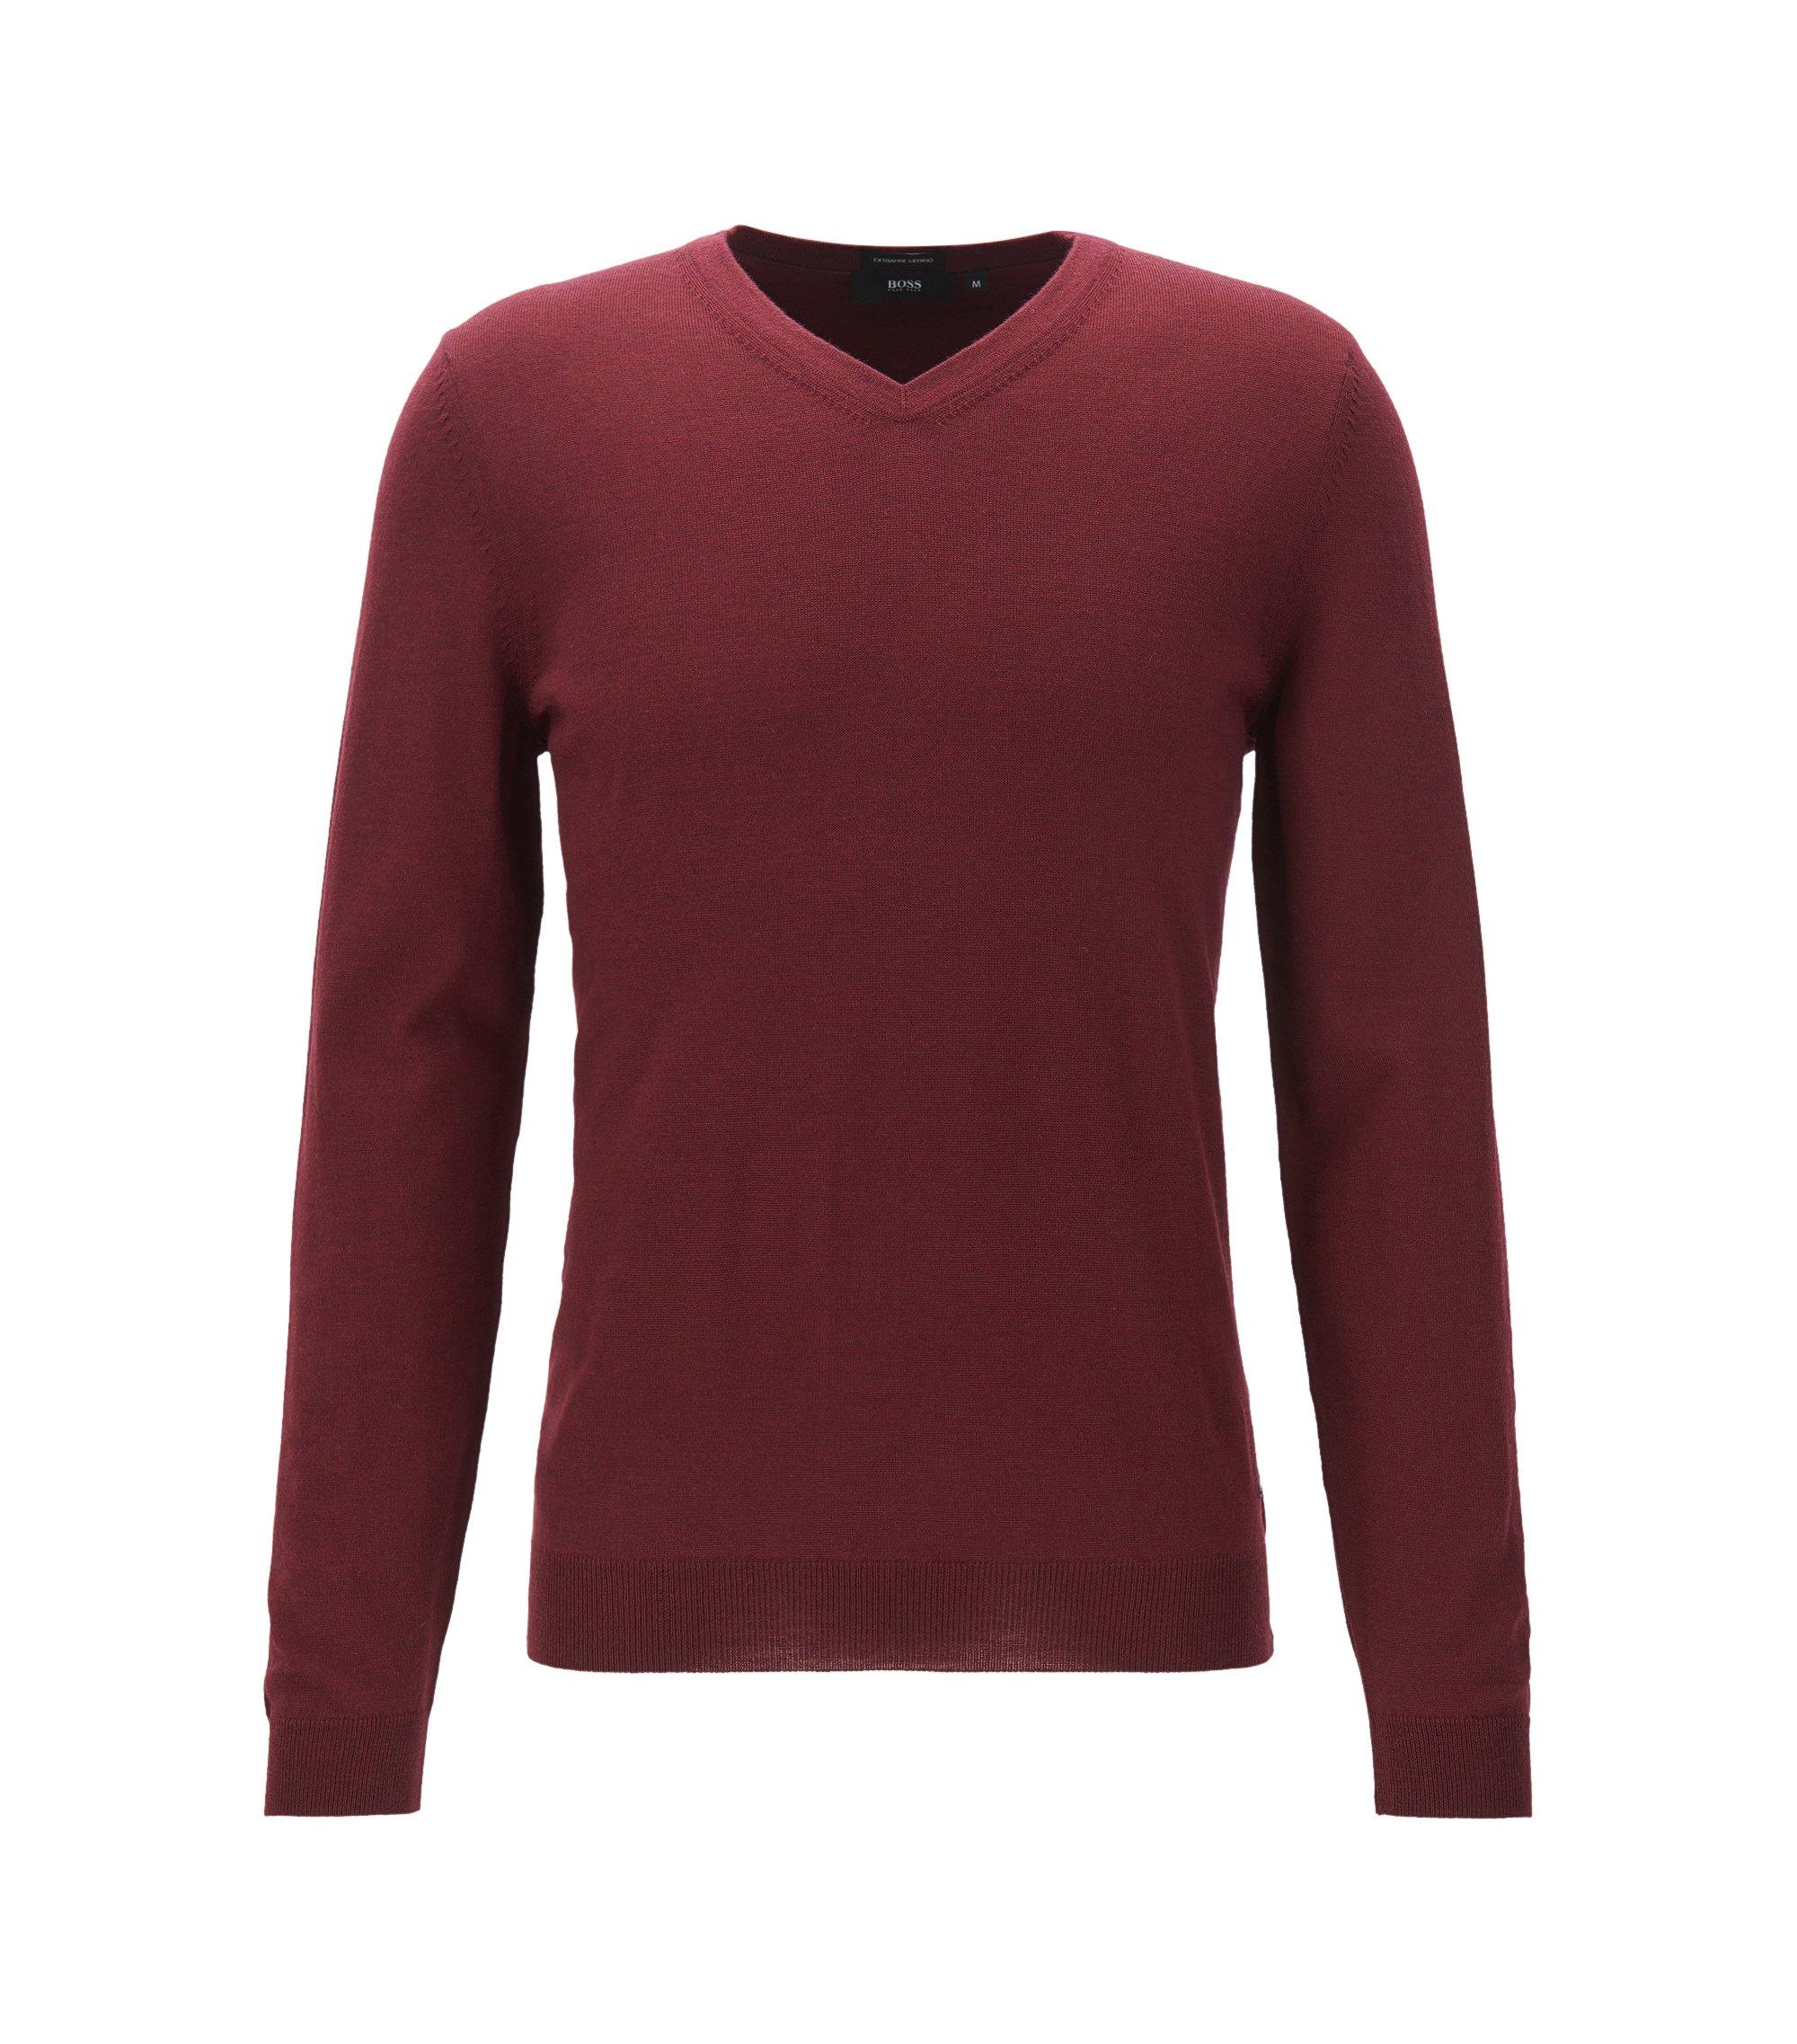 Maglione con scollo a V in lana vergine, Rosso scuro